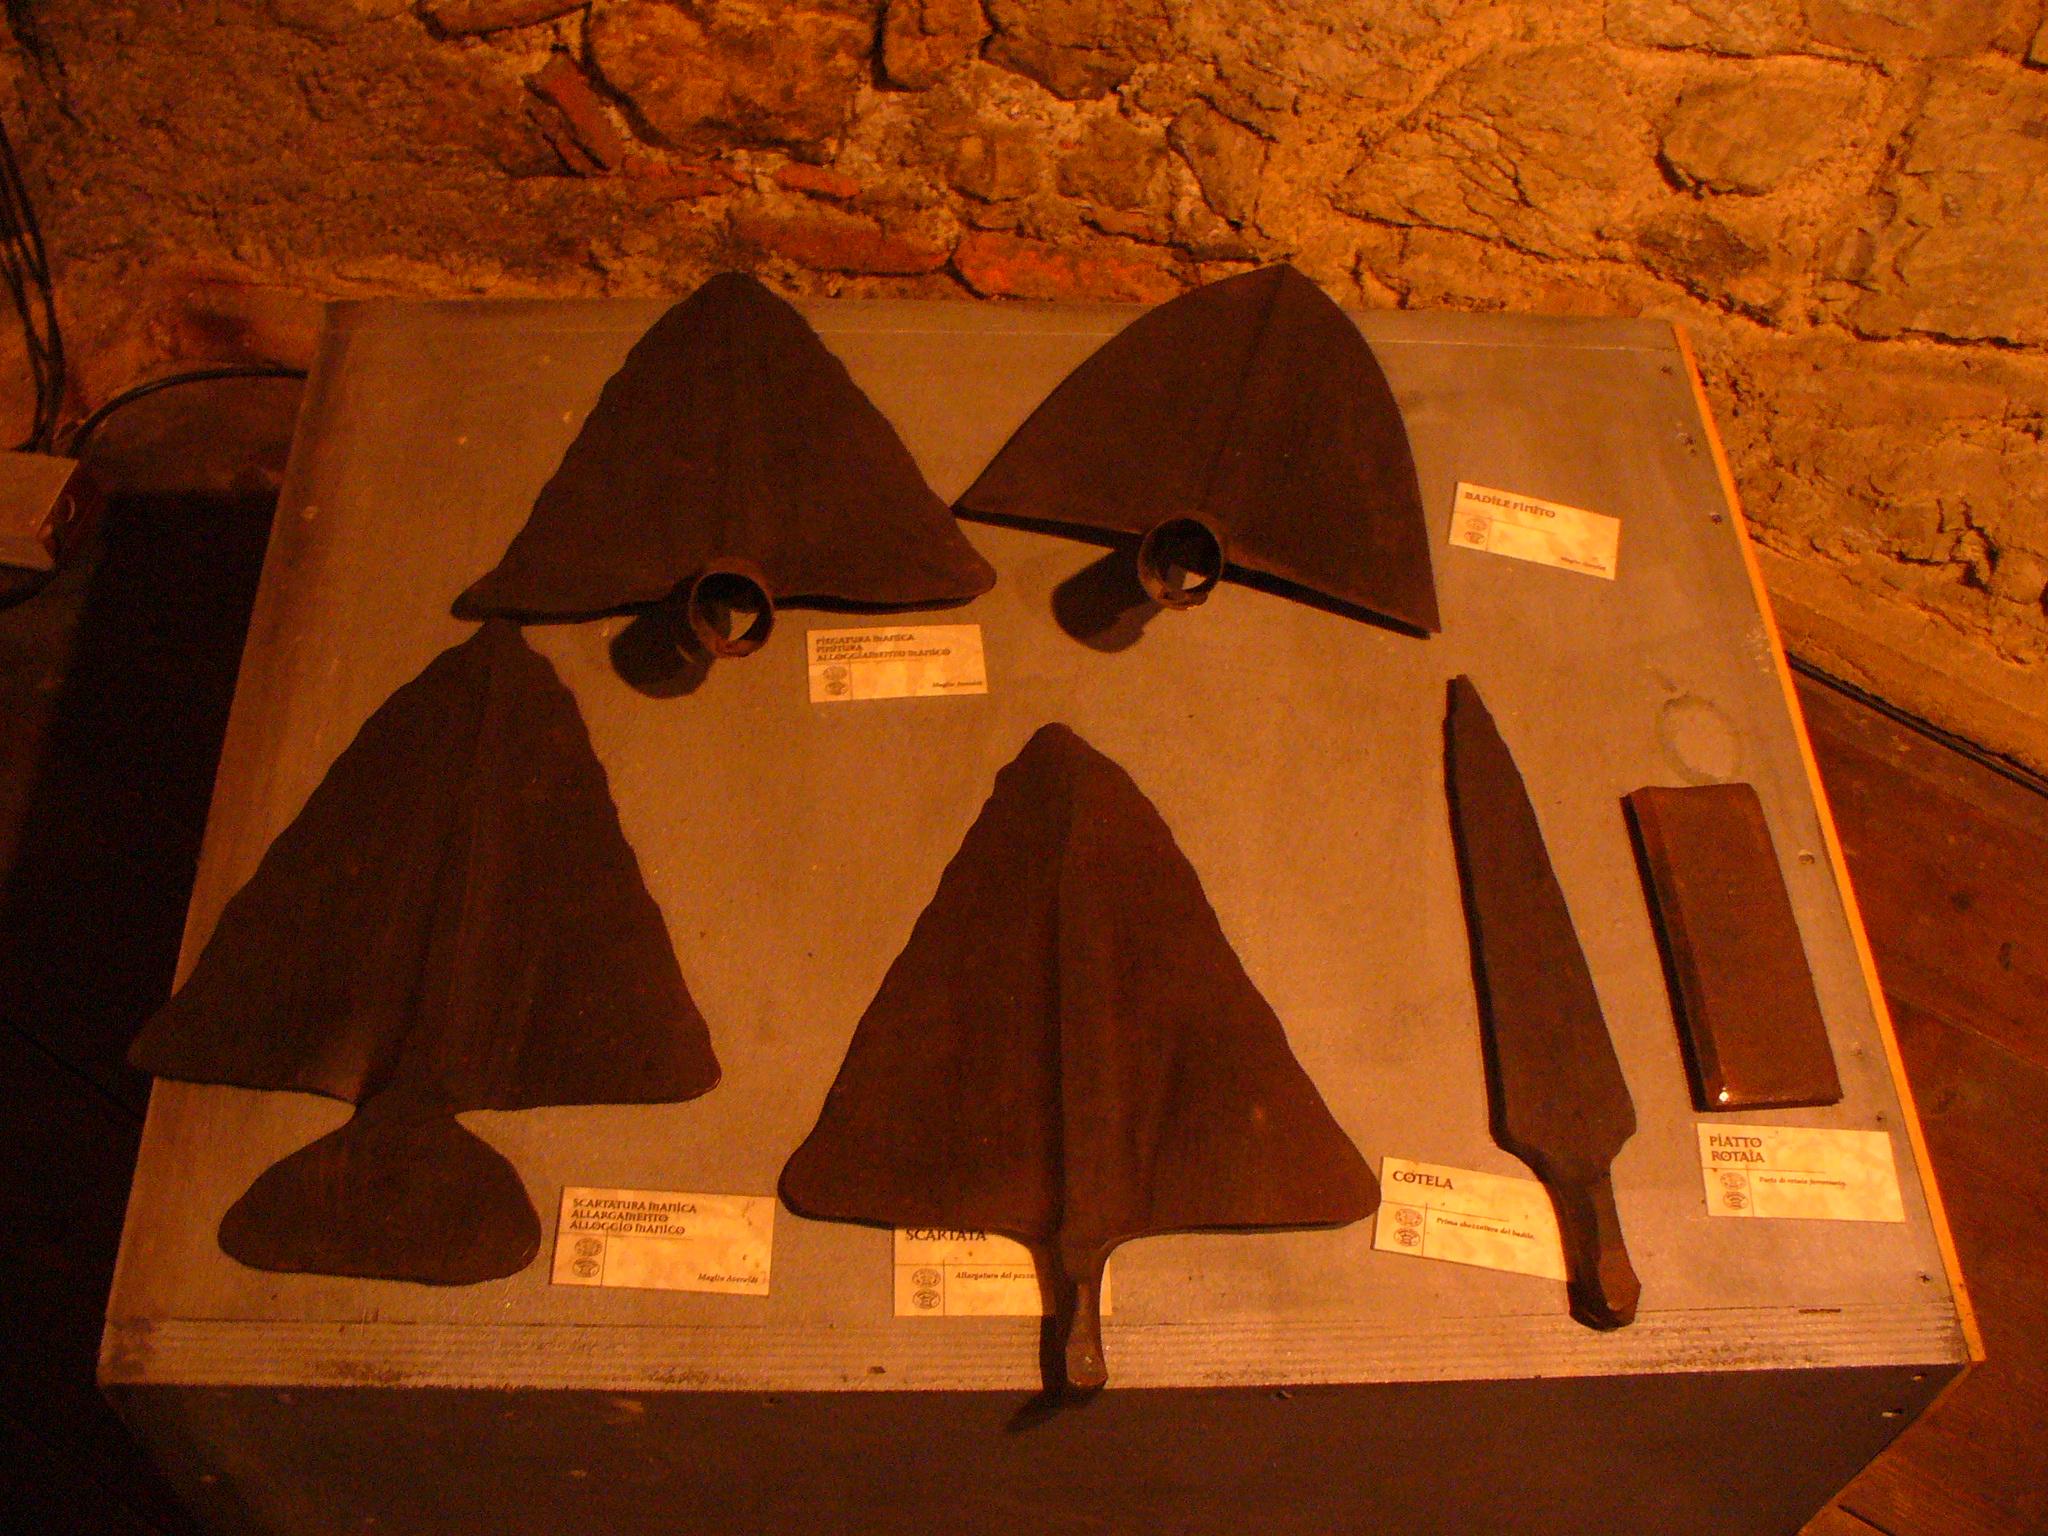 Antichi mestieri alla Fiera di Sant'Andrea di Portogruaro: come nasce una vanga